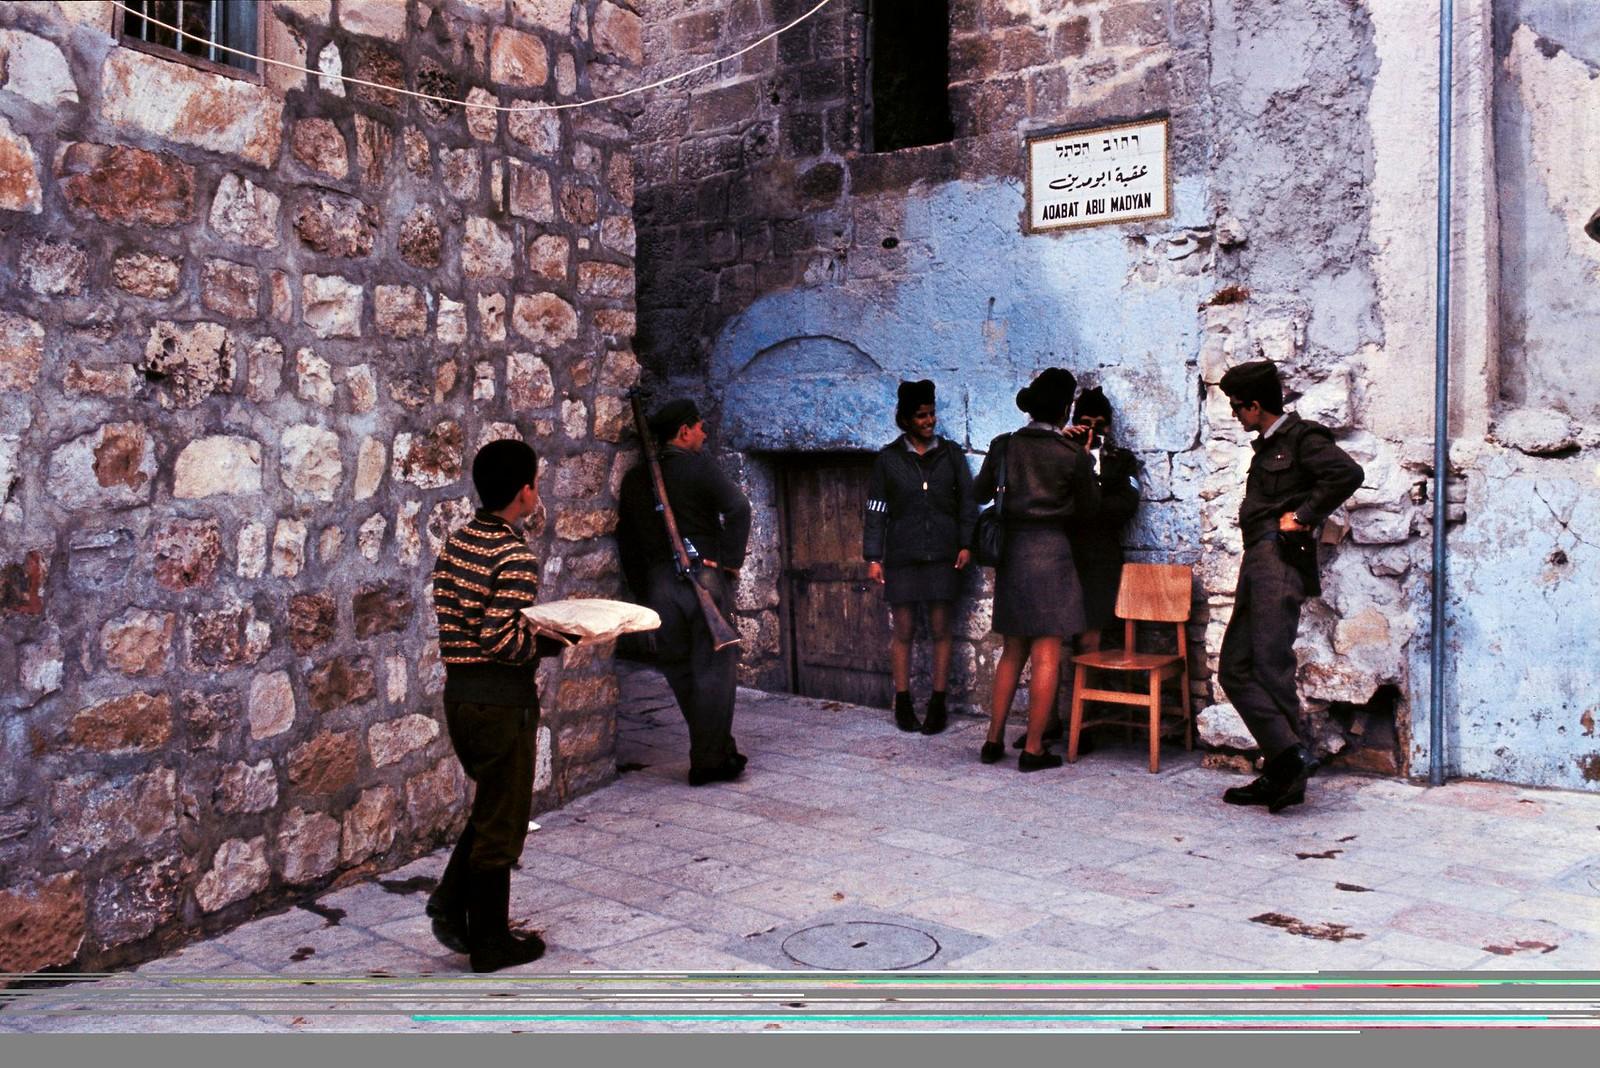 13. Израильский патруль в Старом городе во время арабских волнений